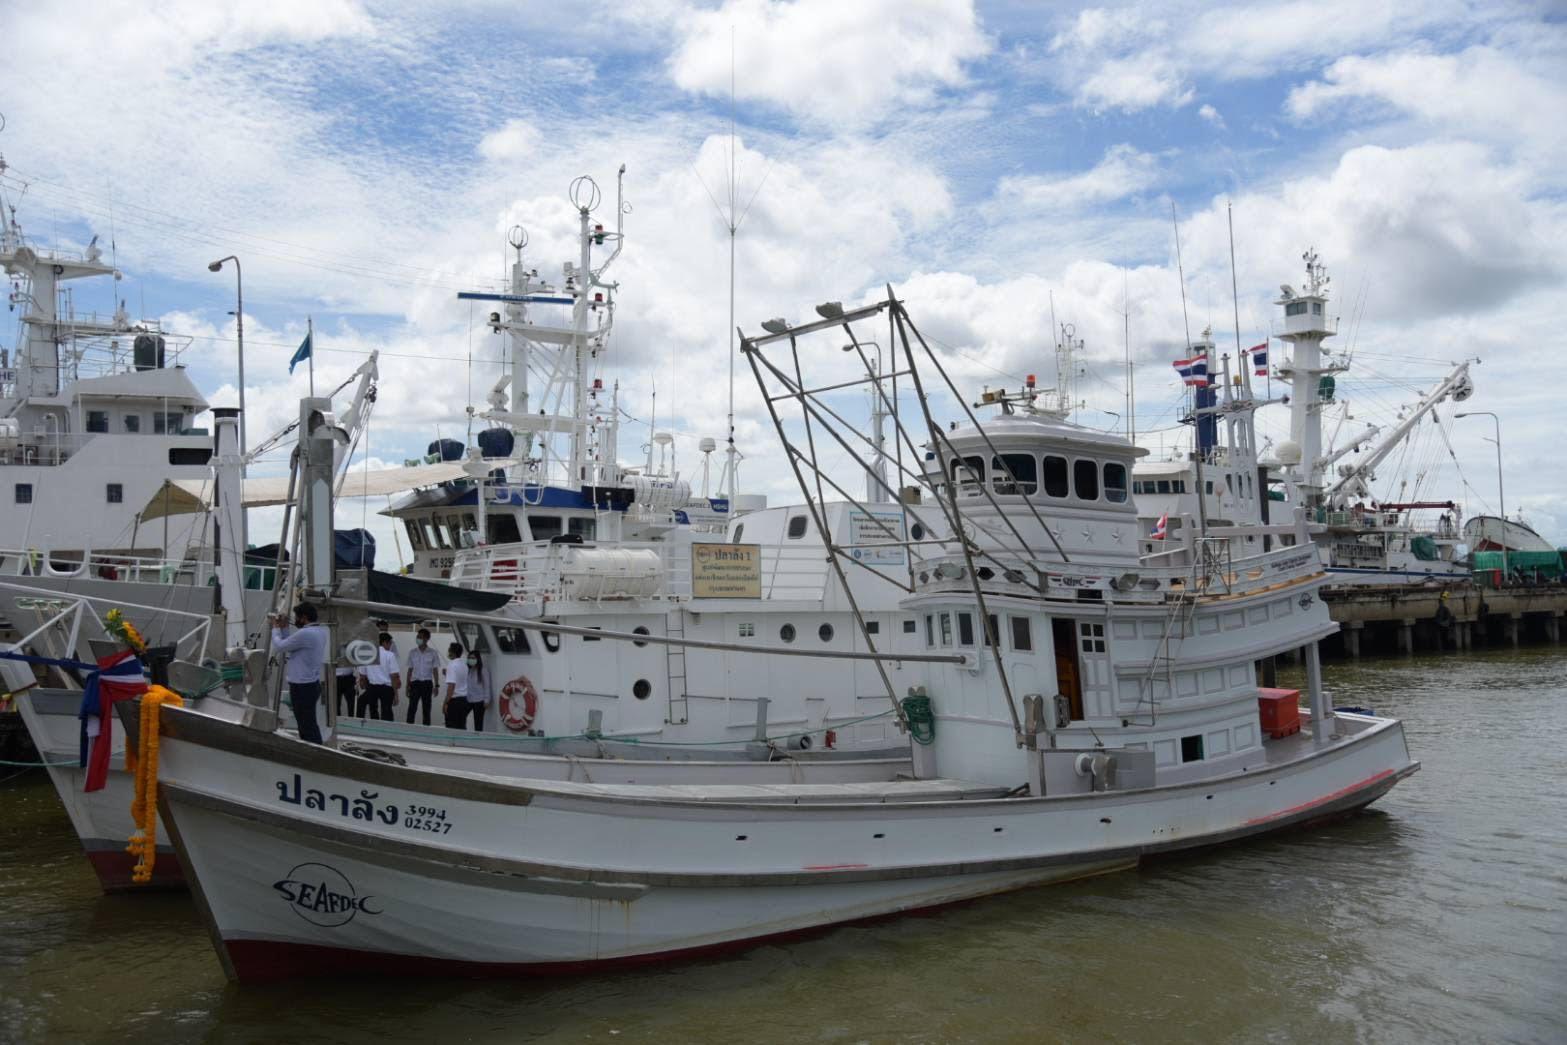 กรมประมง จับมือ SEAFDEC พัฒนาเรือประมงต้นแบบ แก้ปัญหาขาดแคลนแรงงาน ลดต้นทุน ลดผลกระทบต่อสิ่งแวดล้อม